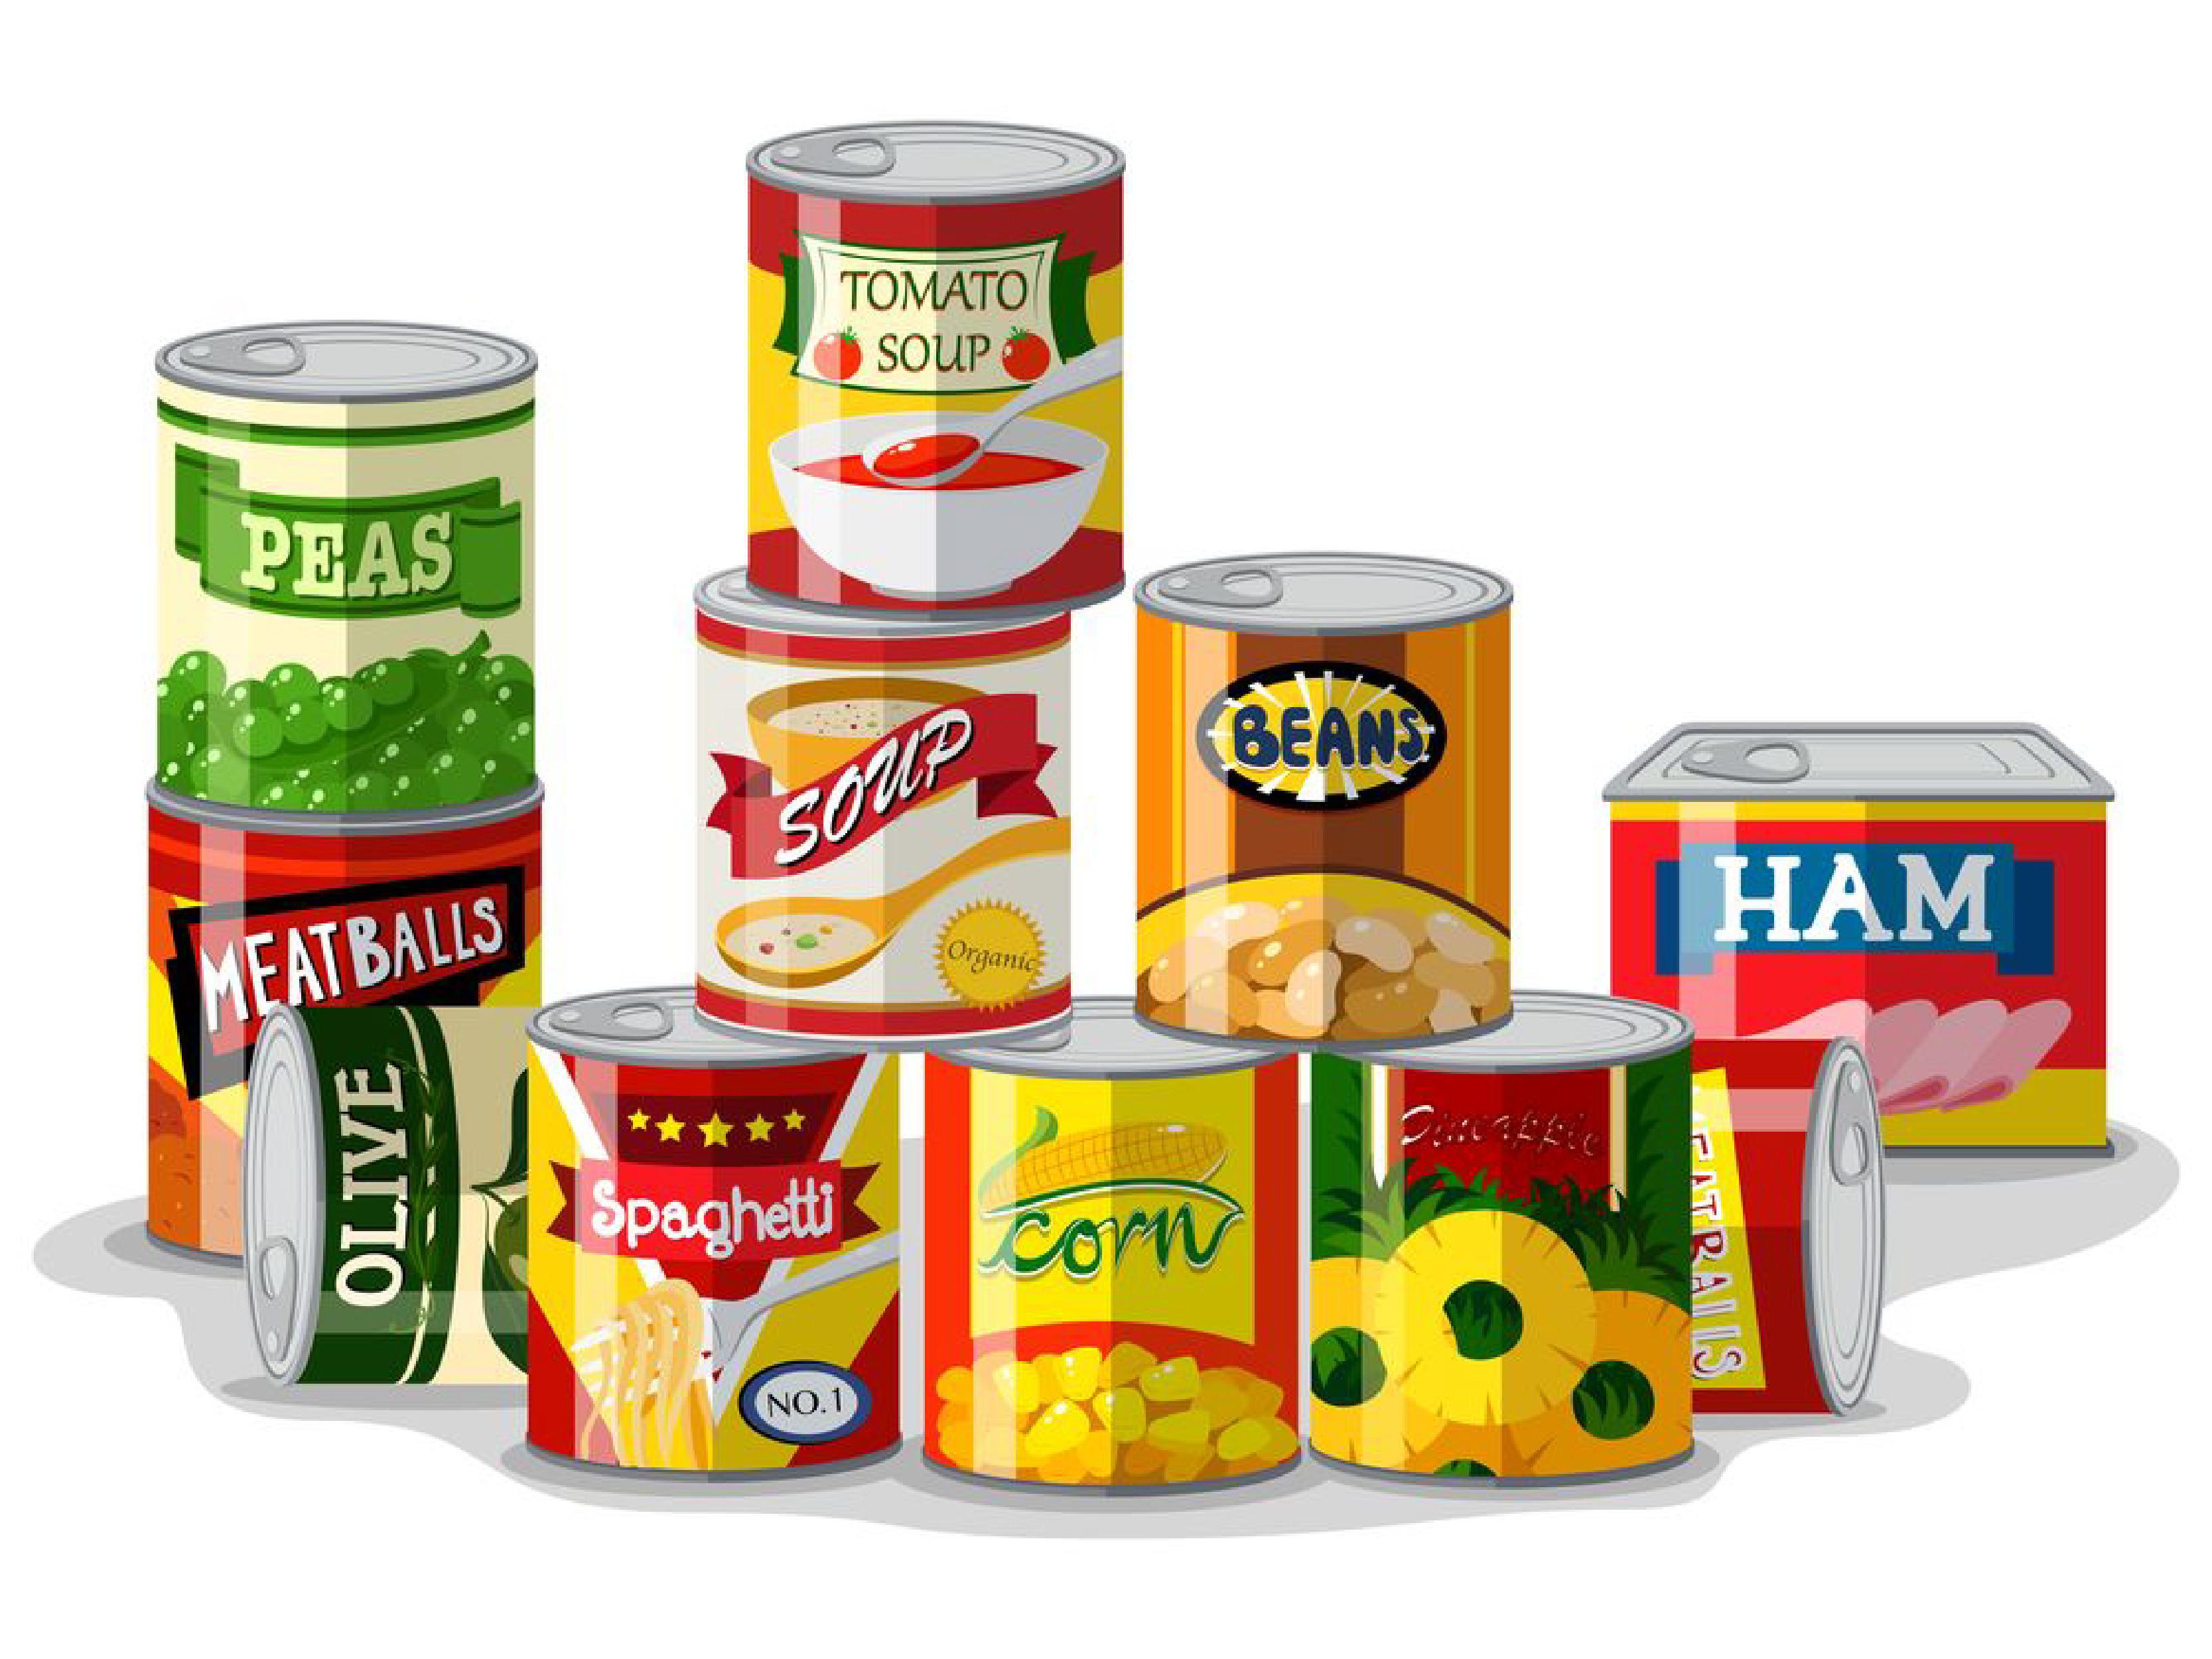 Potassium Sorbate là gì? Có độc hại hay không? - Nguyên liệu mỹ phẩm